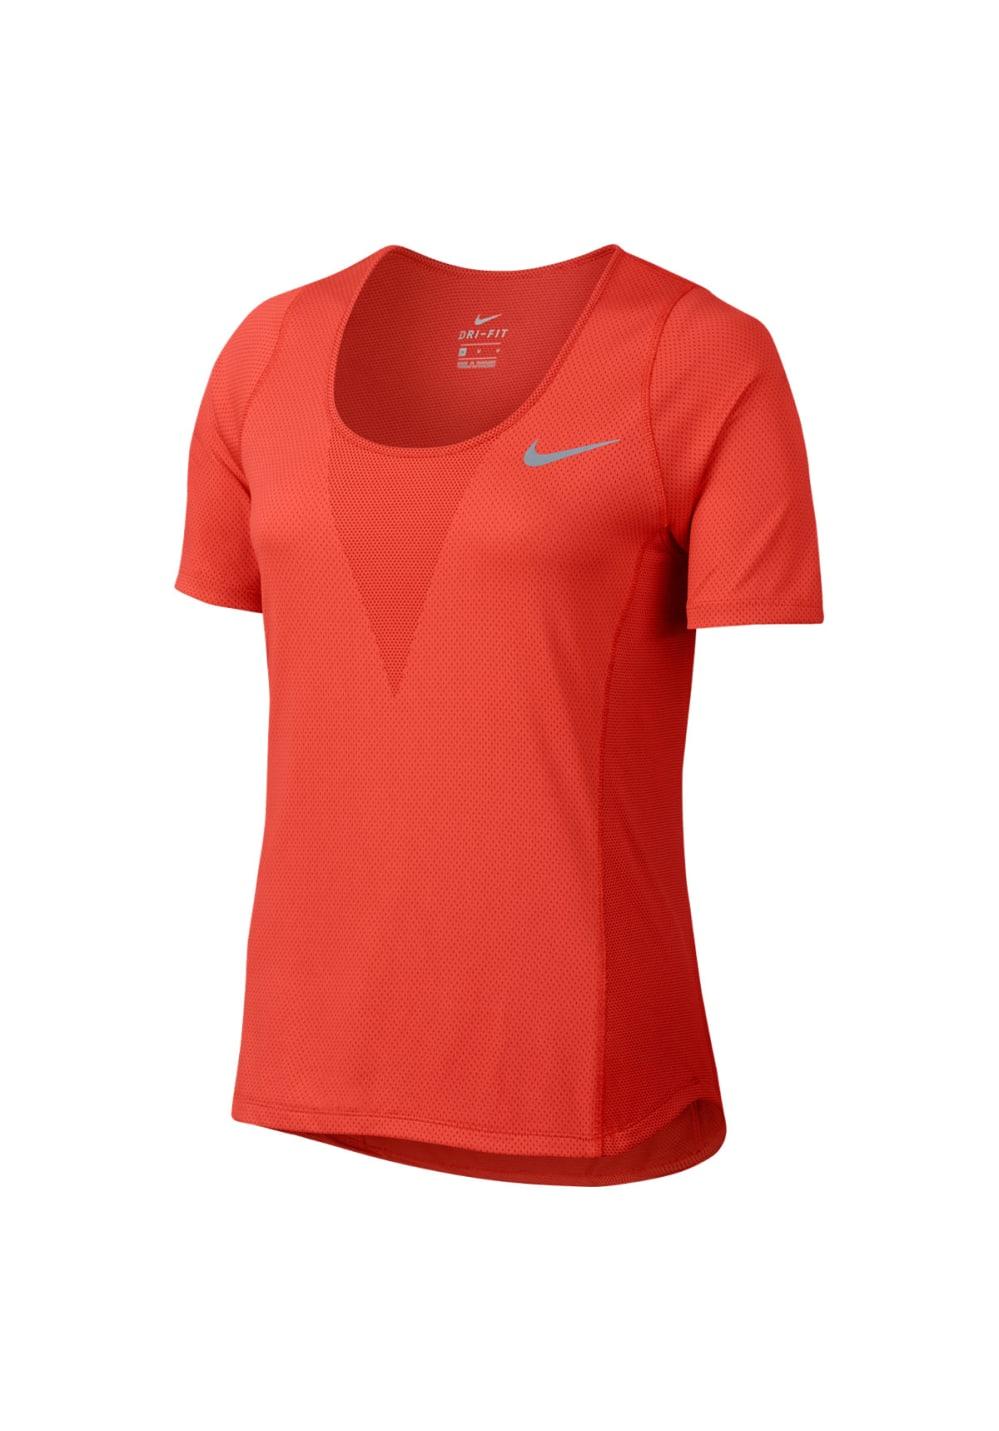 Sportmode für Frauen - Nike Zonal Cooling Relay Running Tee Laufshirts für Damen Rot  - Onlineshop 21Run